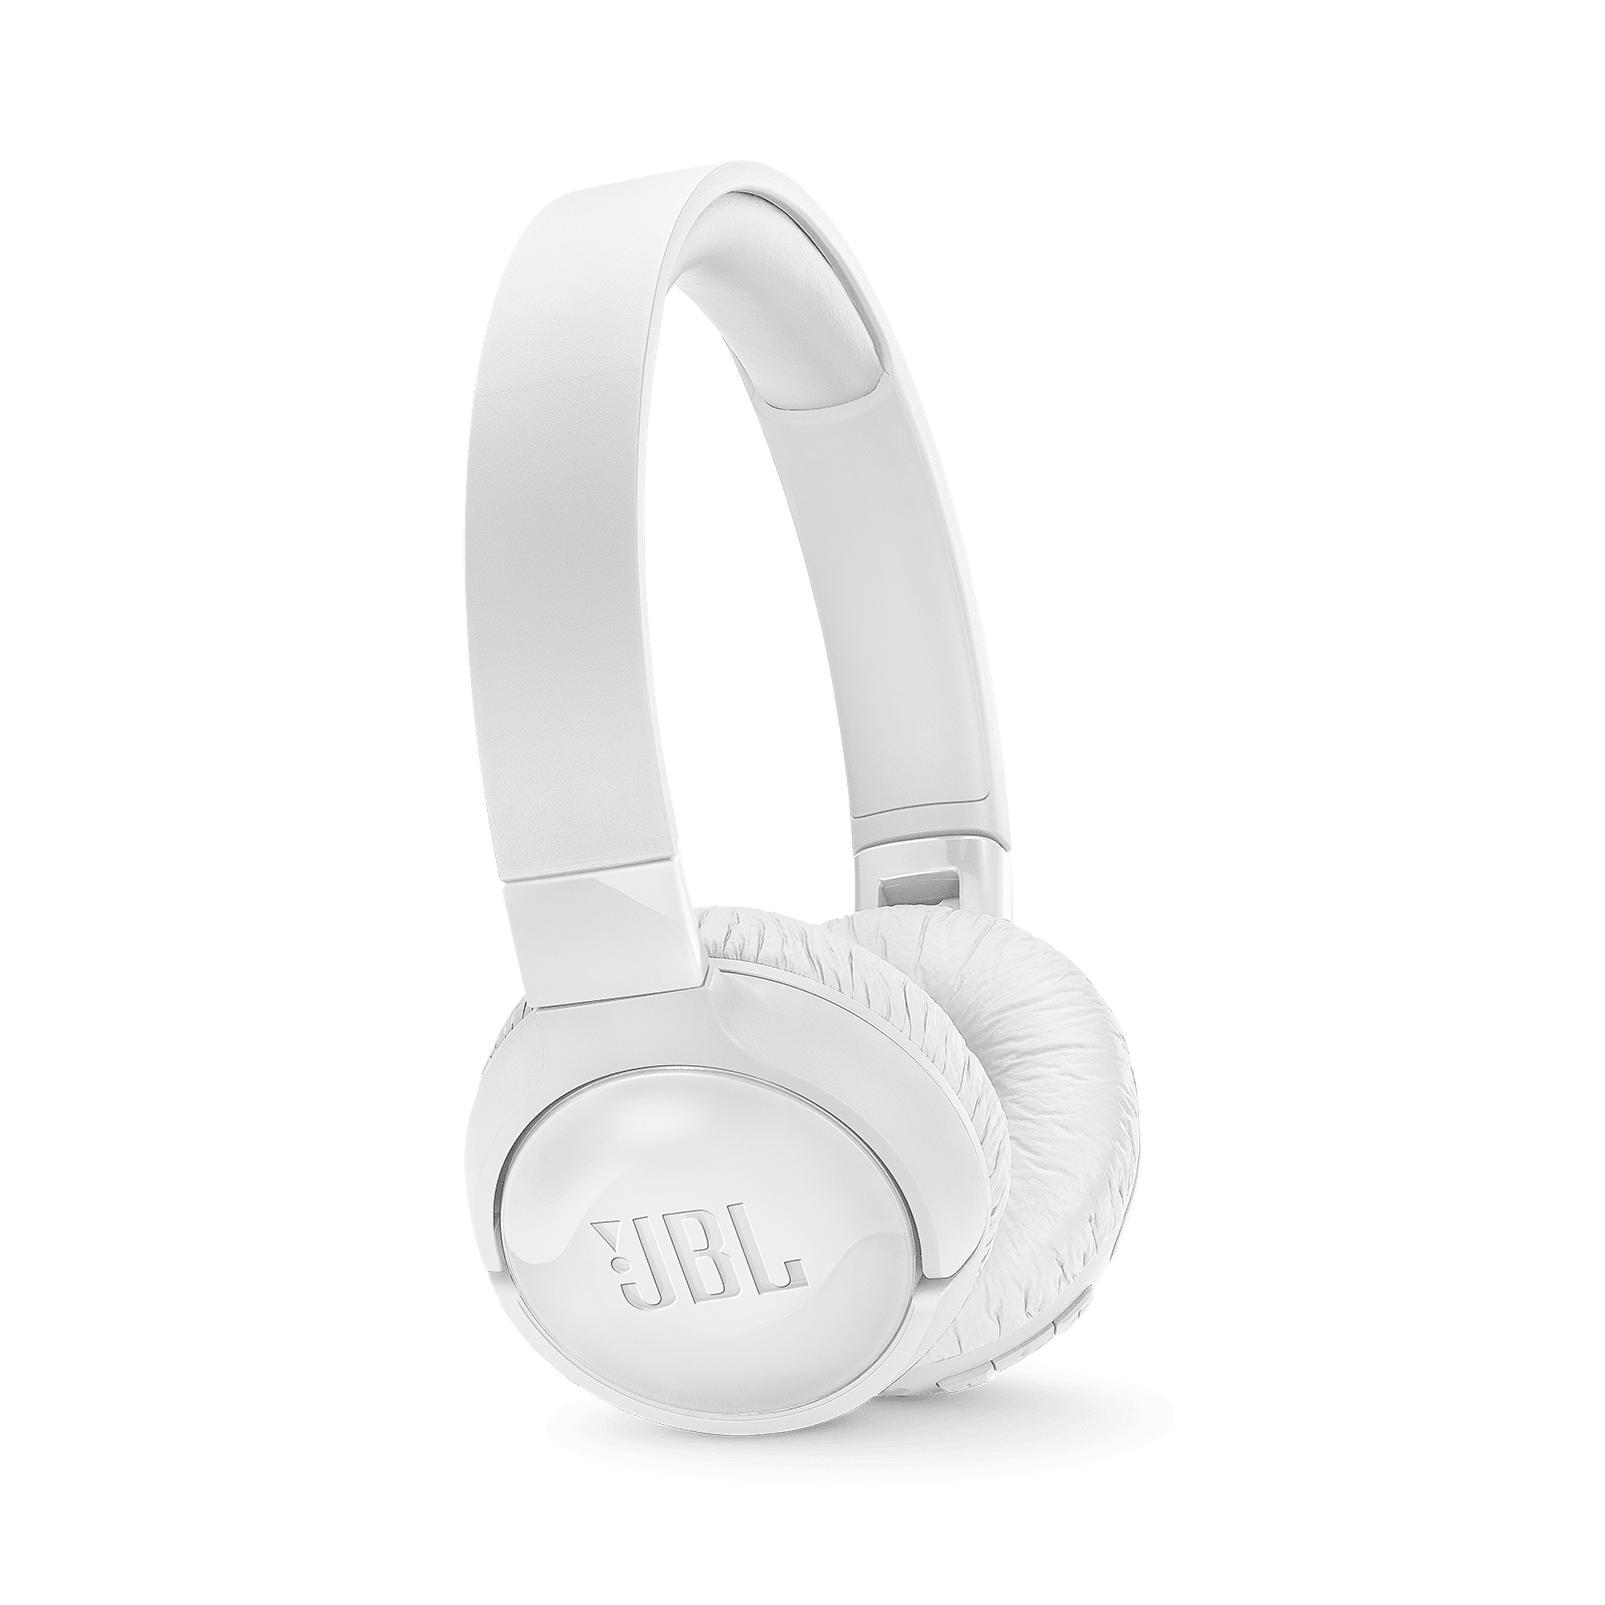 Fone de Ouvido Bluetooth JBL Tune 600 BTNC - Branco JBLT600BTNCWHT